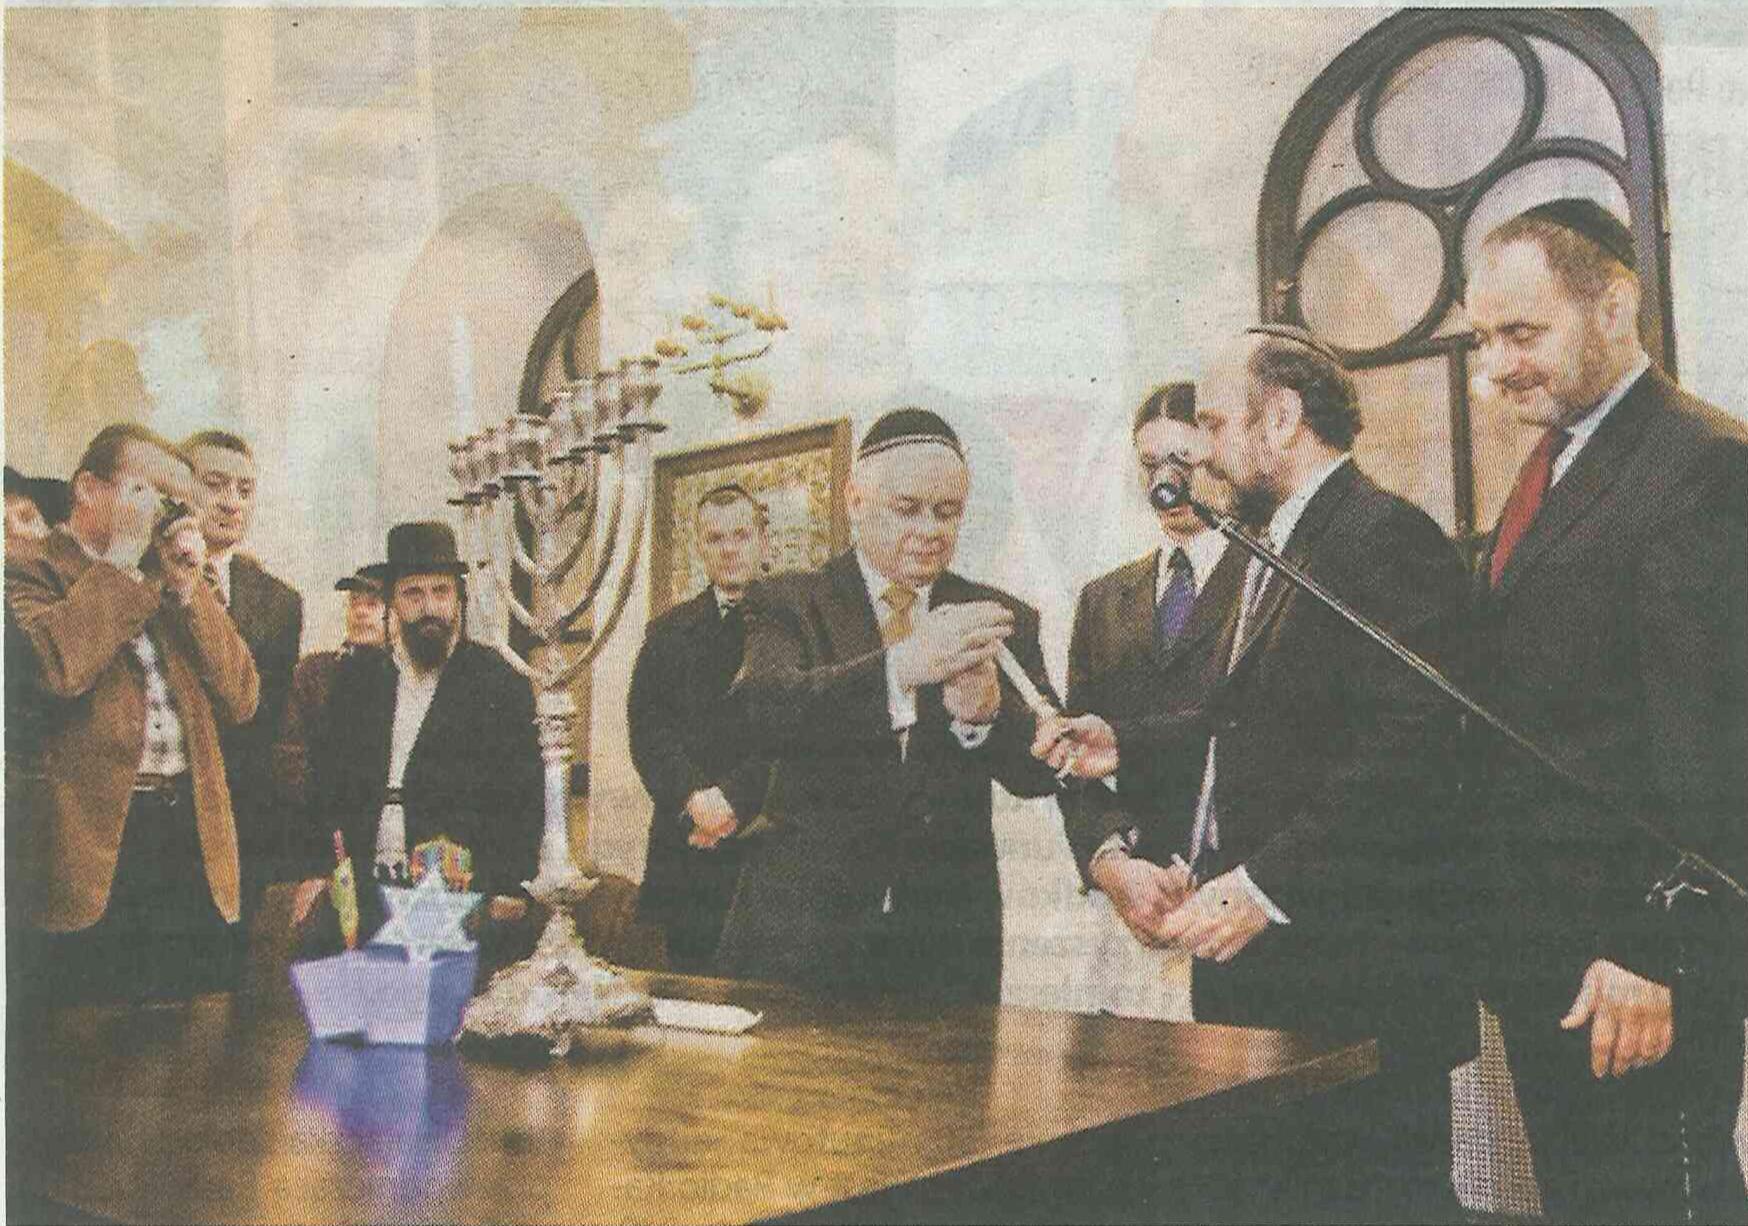 To Lech Kaczyński był pierwszą głową polskiego państwa zapalającą w synagodze chanukowe świeczki. I oto dzisiaj śp. Lech Kaczyński otrzymuje od zawiadujących muzeum podziękowania.